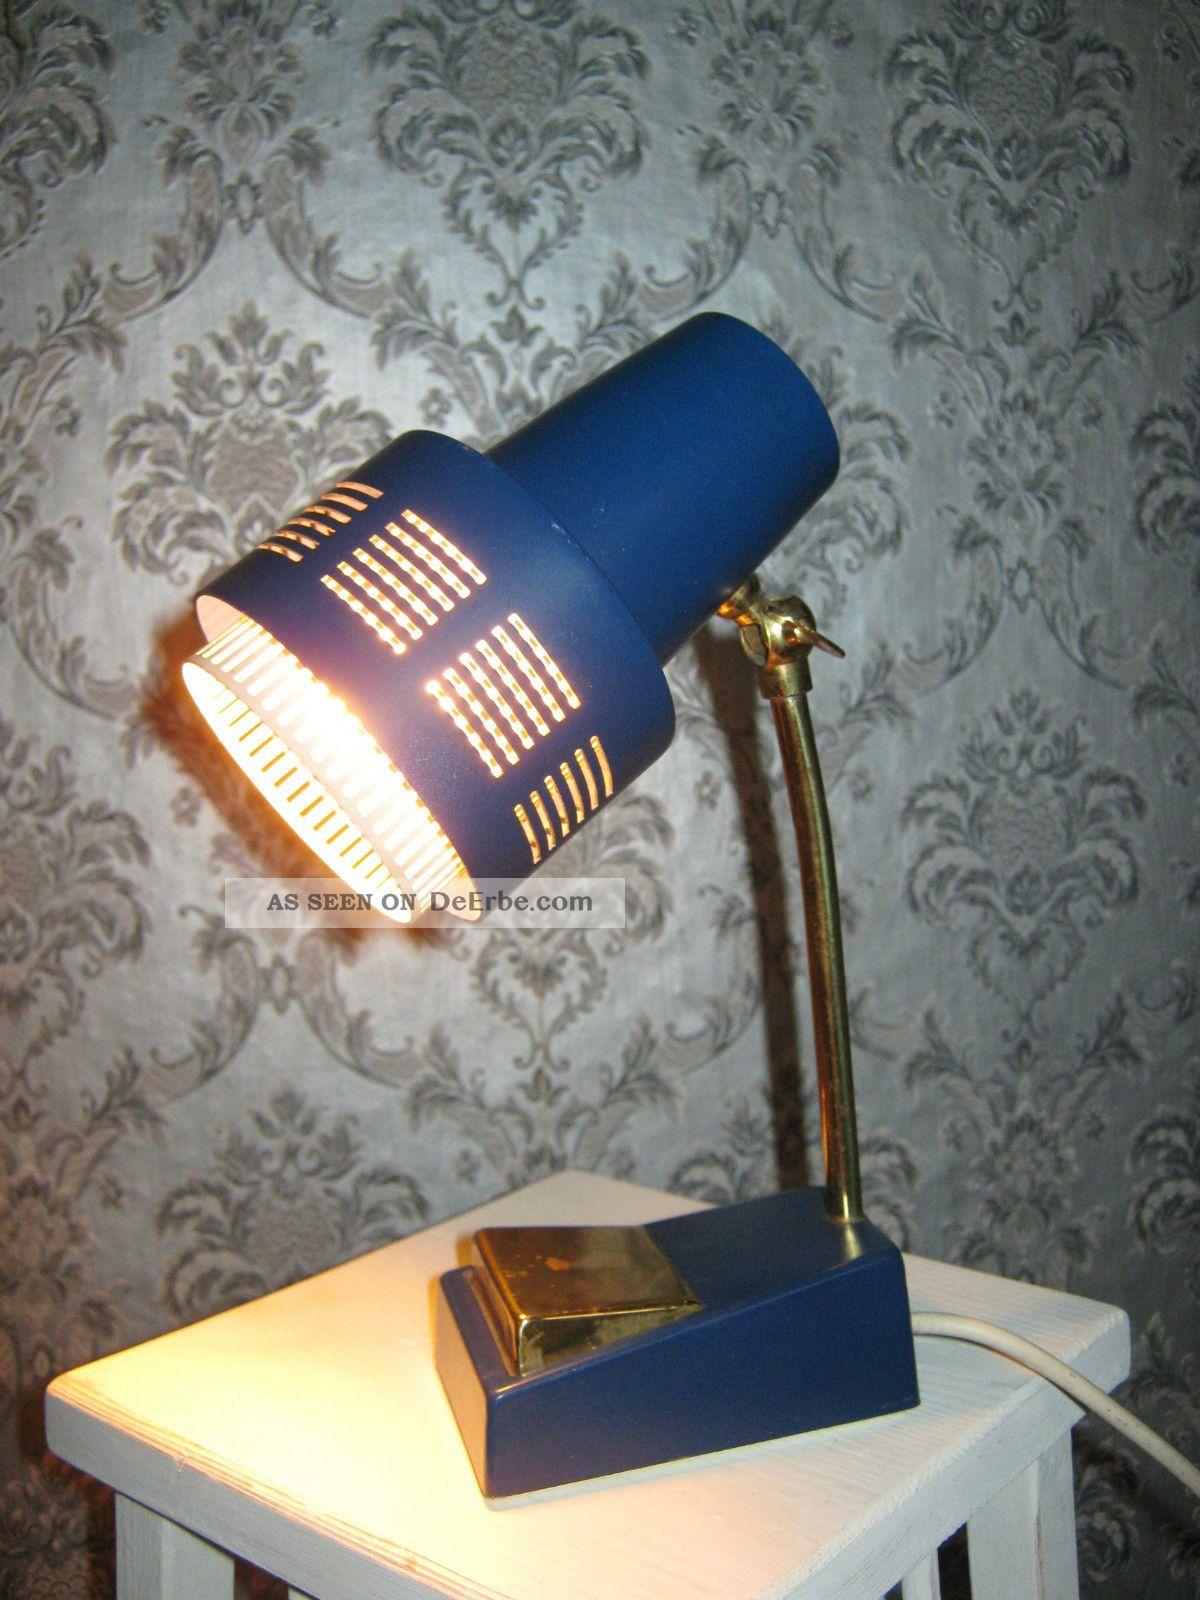 Alte Kleine Lampe Leuchte Nachttischlampe Blau Messing 50er Jahre Kugelgelenk 1950-1959 Bild